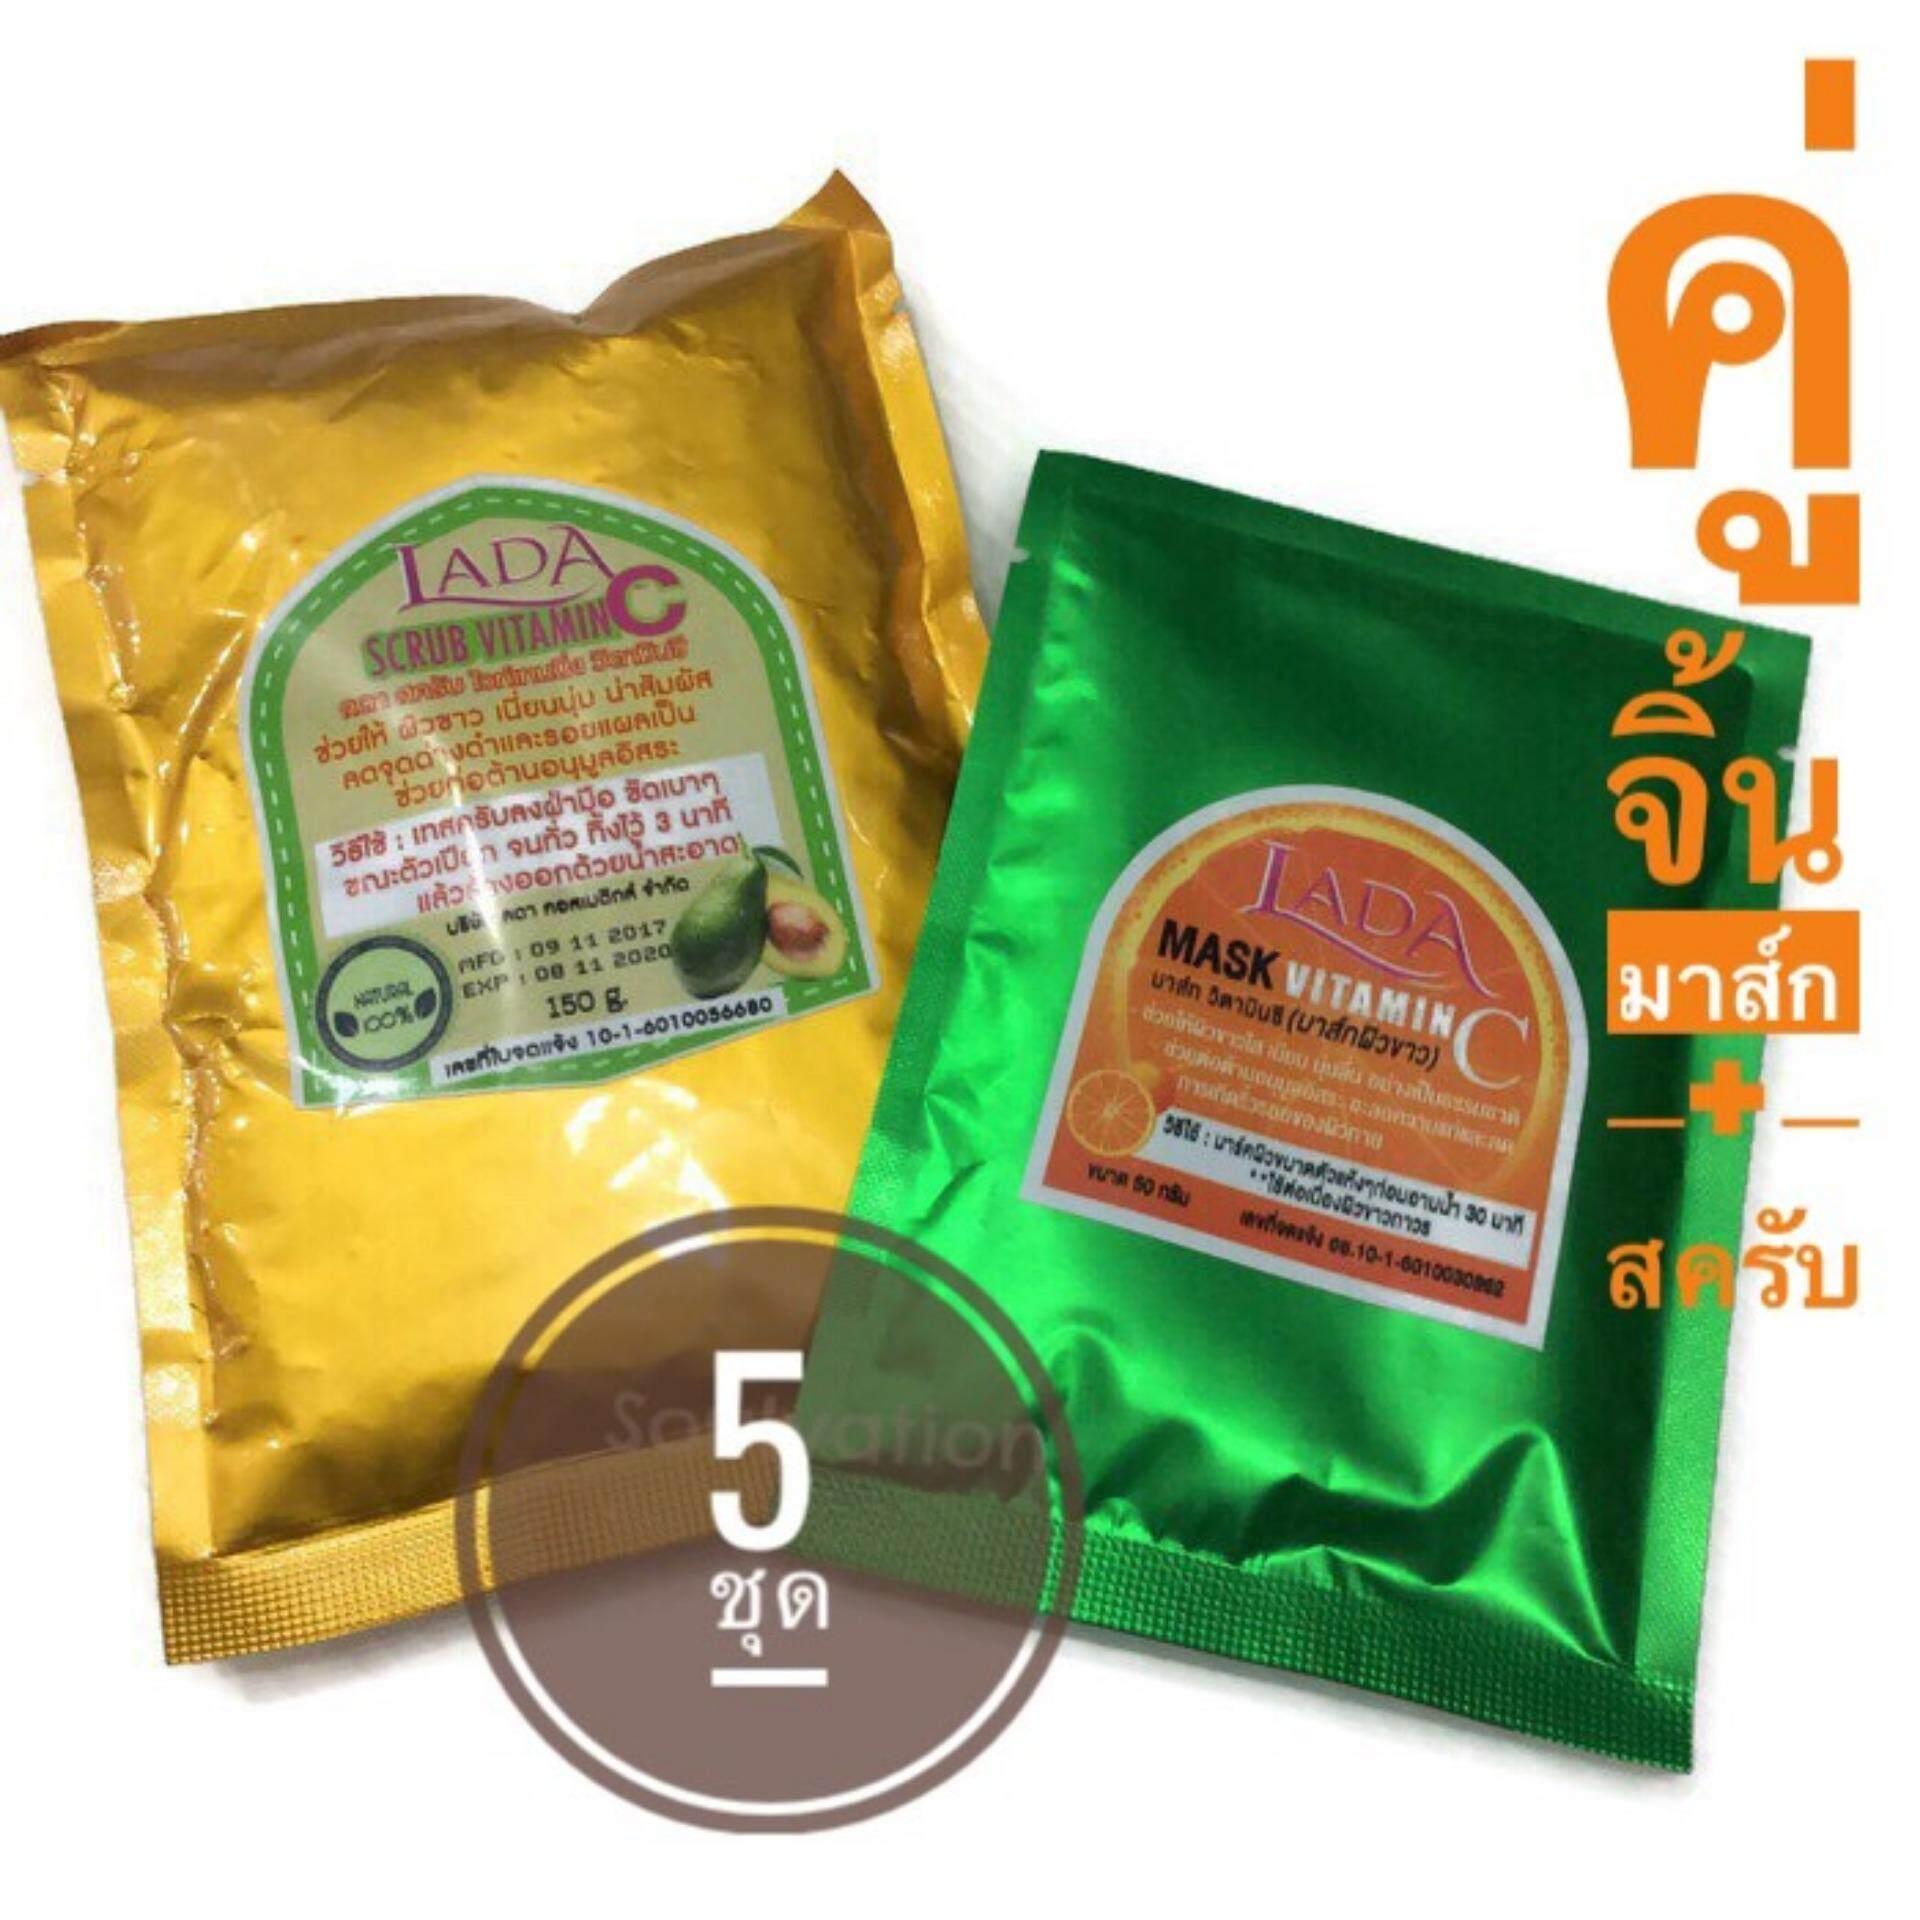 โปรโมชั่น Lada Scrub Vitamin C ลดา สครับ ไวท์เทนนิ่ง วิตามินซี มาส์ก วิตามินซีladaจำนวน5ชุด กาญจนบุรี